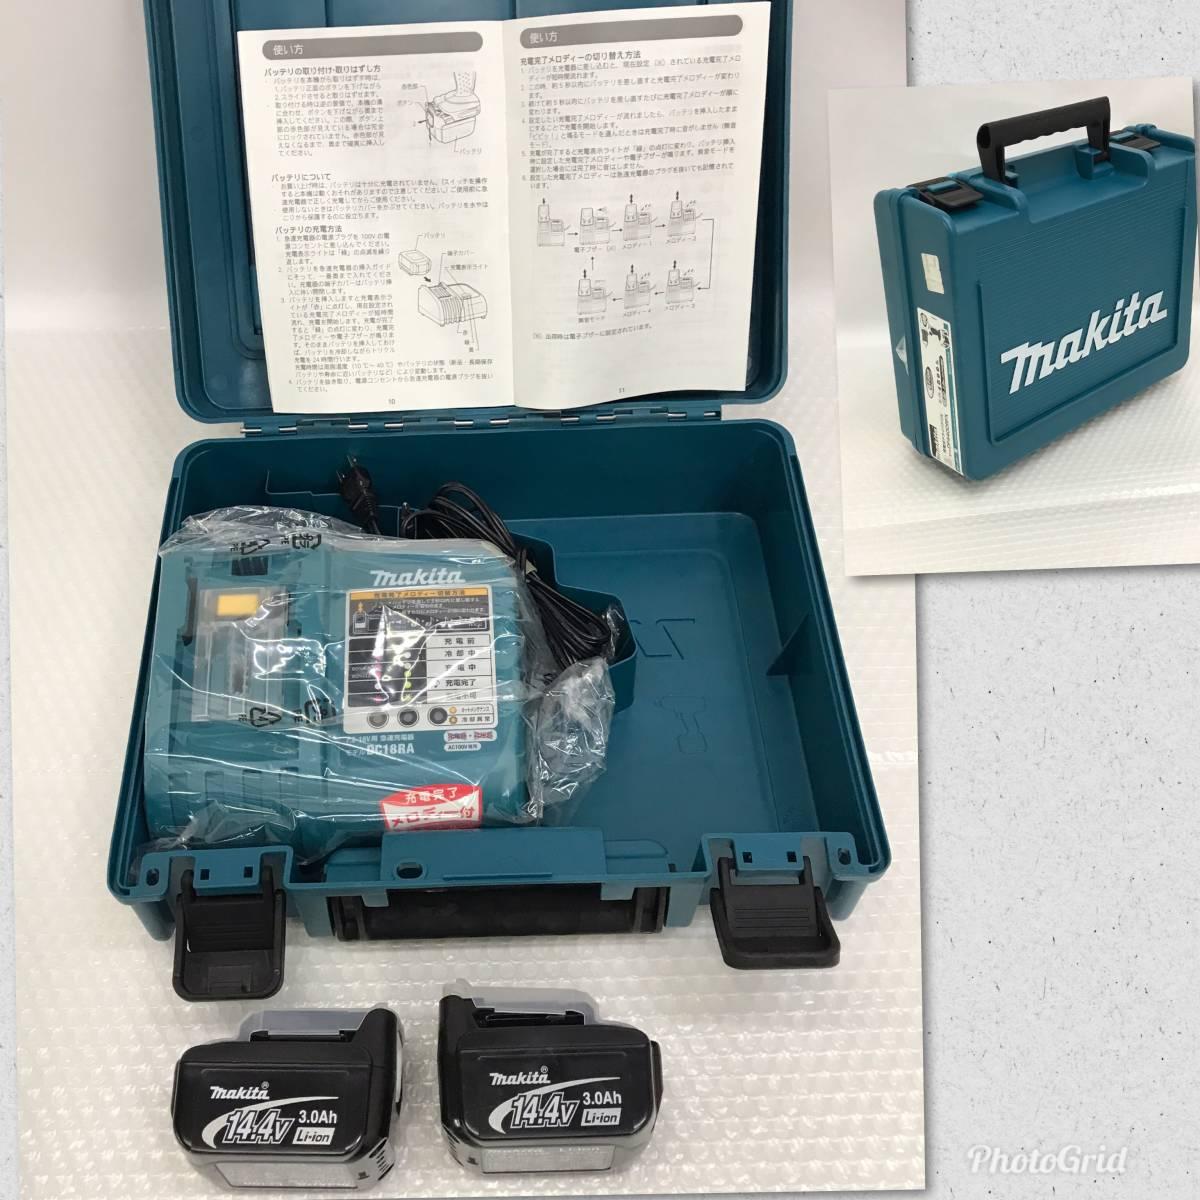 【未使用品】電動工具 makita マキタ 14.4V バッテリーパック2個 リチウムイオンバッテリー 充電器 セット B_画像1